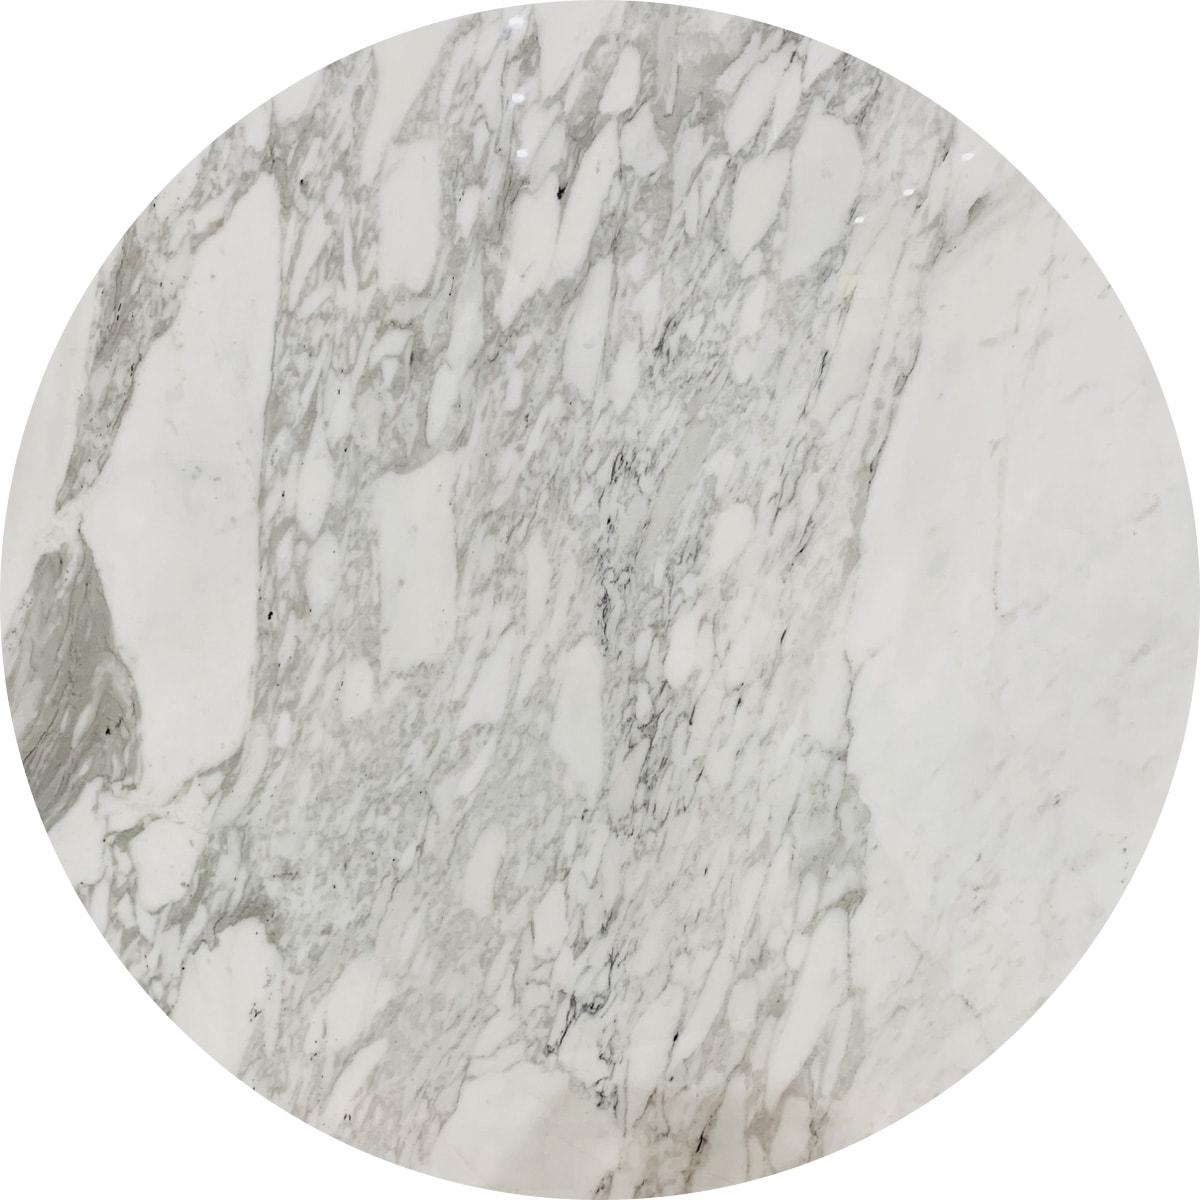 Saarinen Collection Round Tables(サーリネンテーブル)Φ1370mm アラベスカート 164TRMA2 (012)